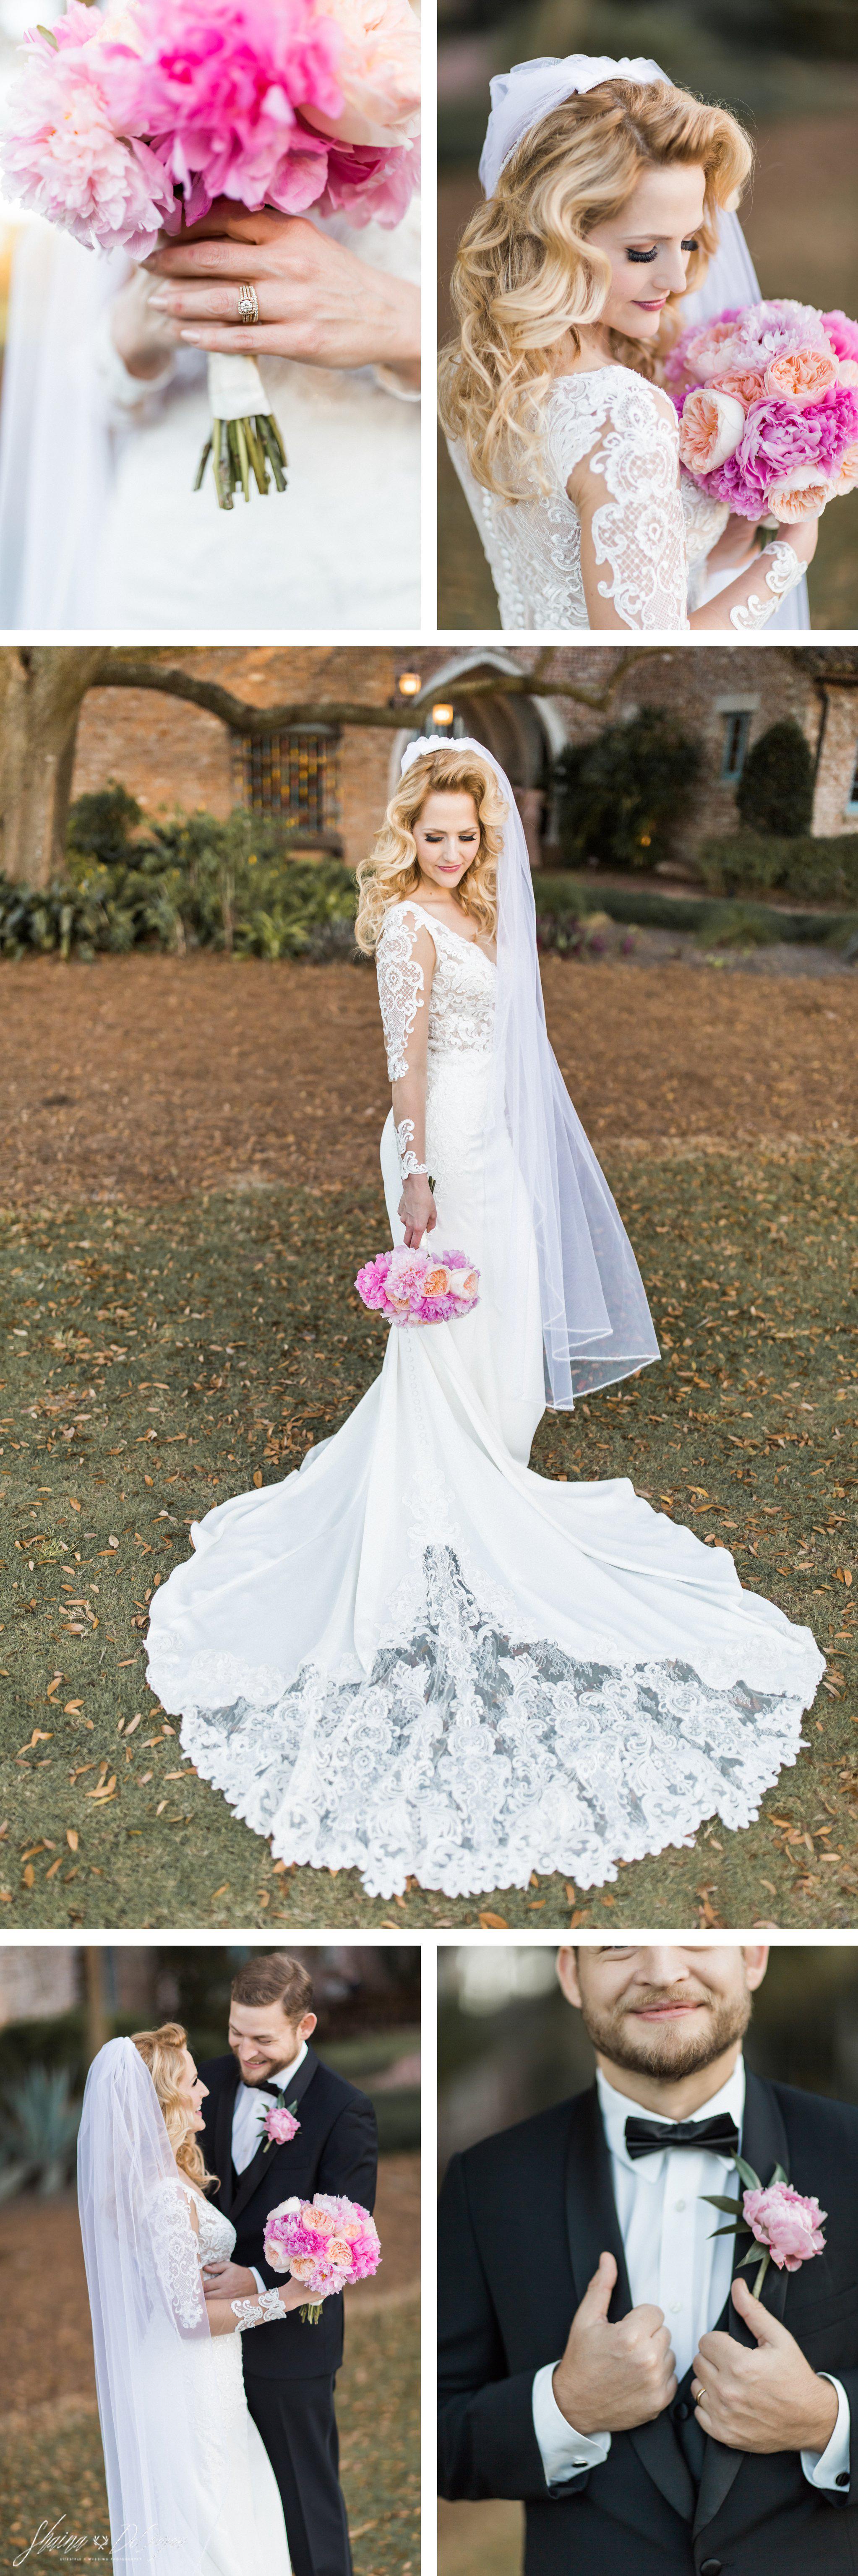 Bridal portraits at her Retro Hollywood Glam Casa Feliz Wedding